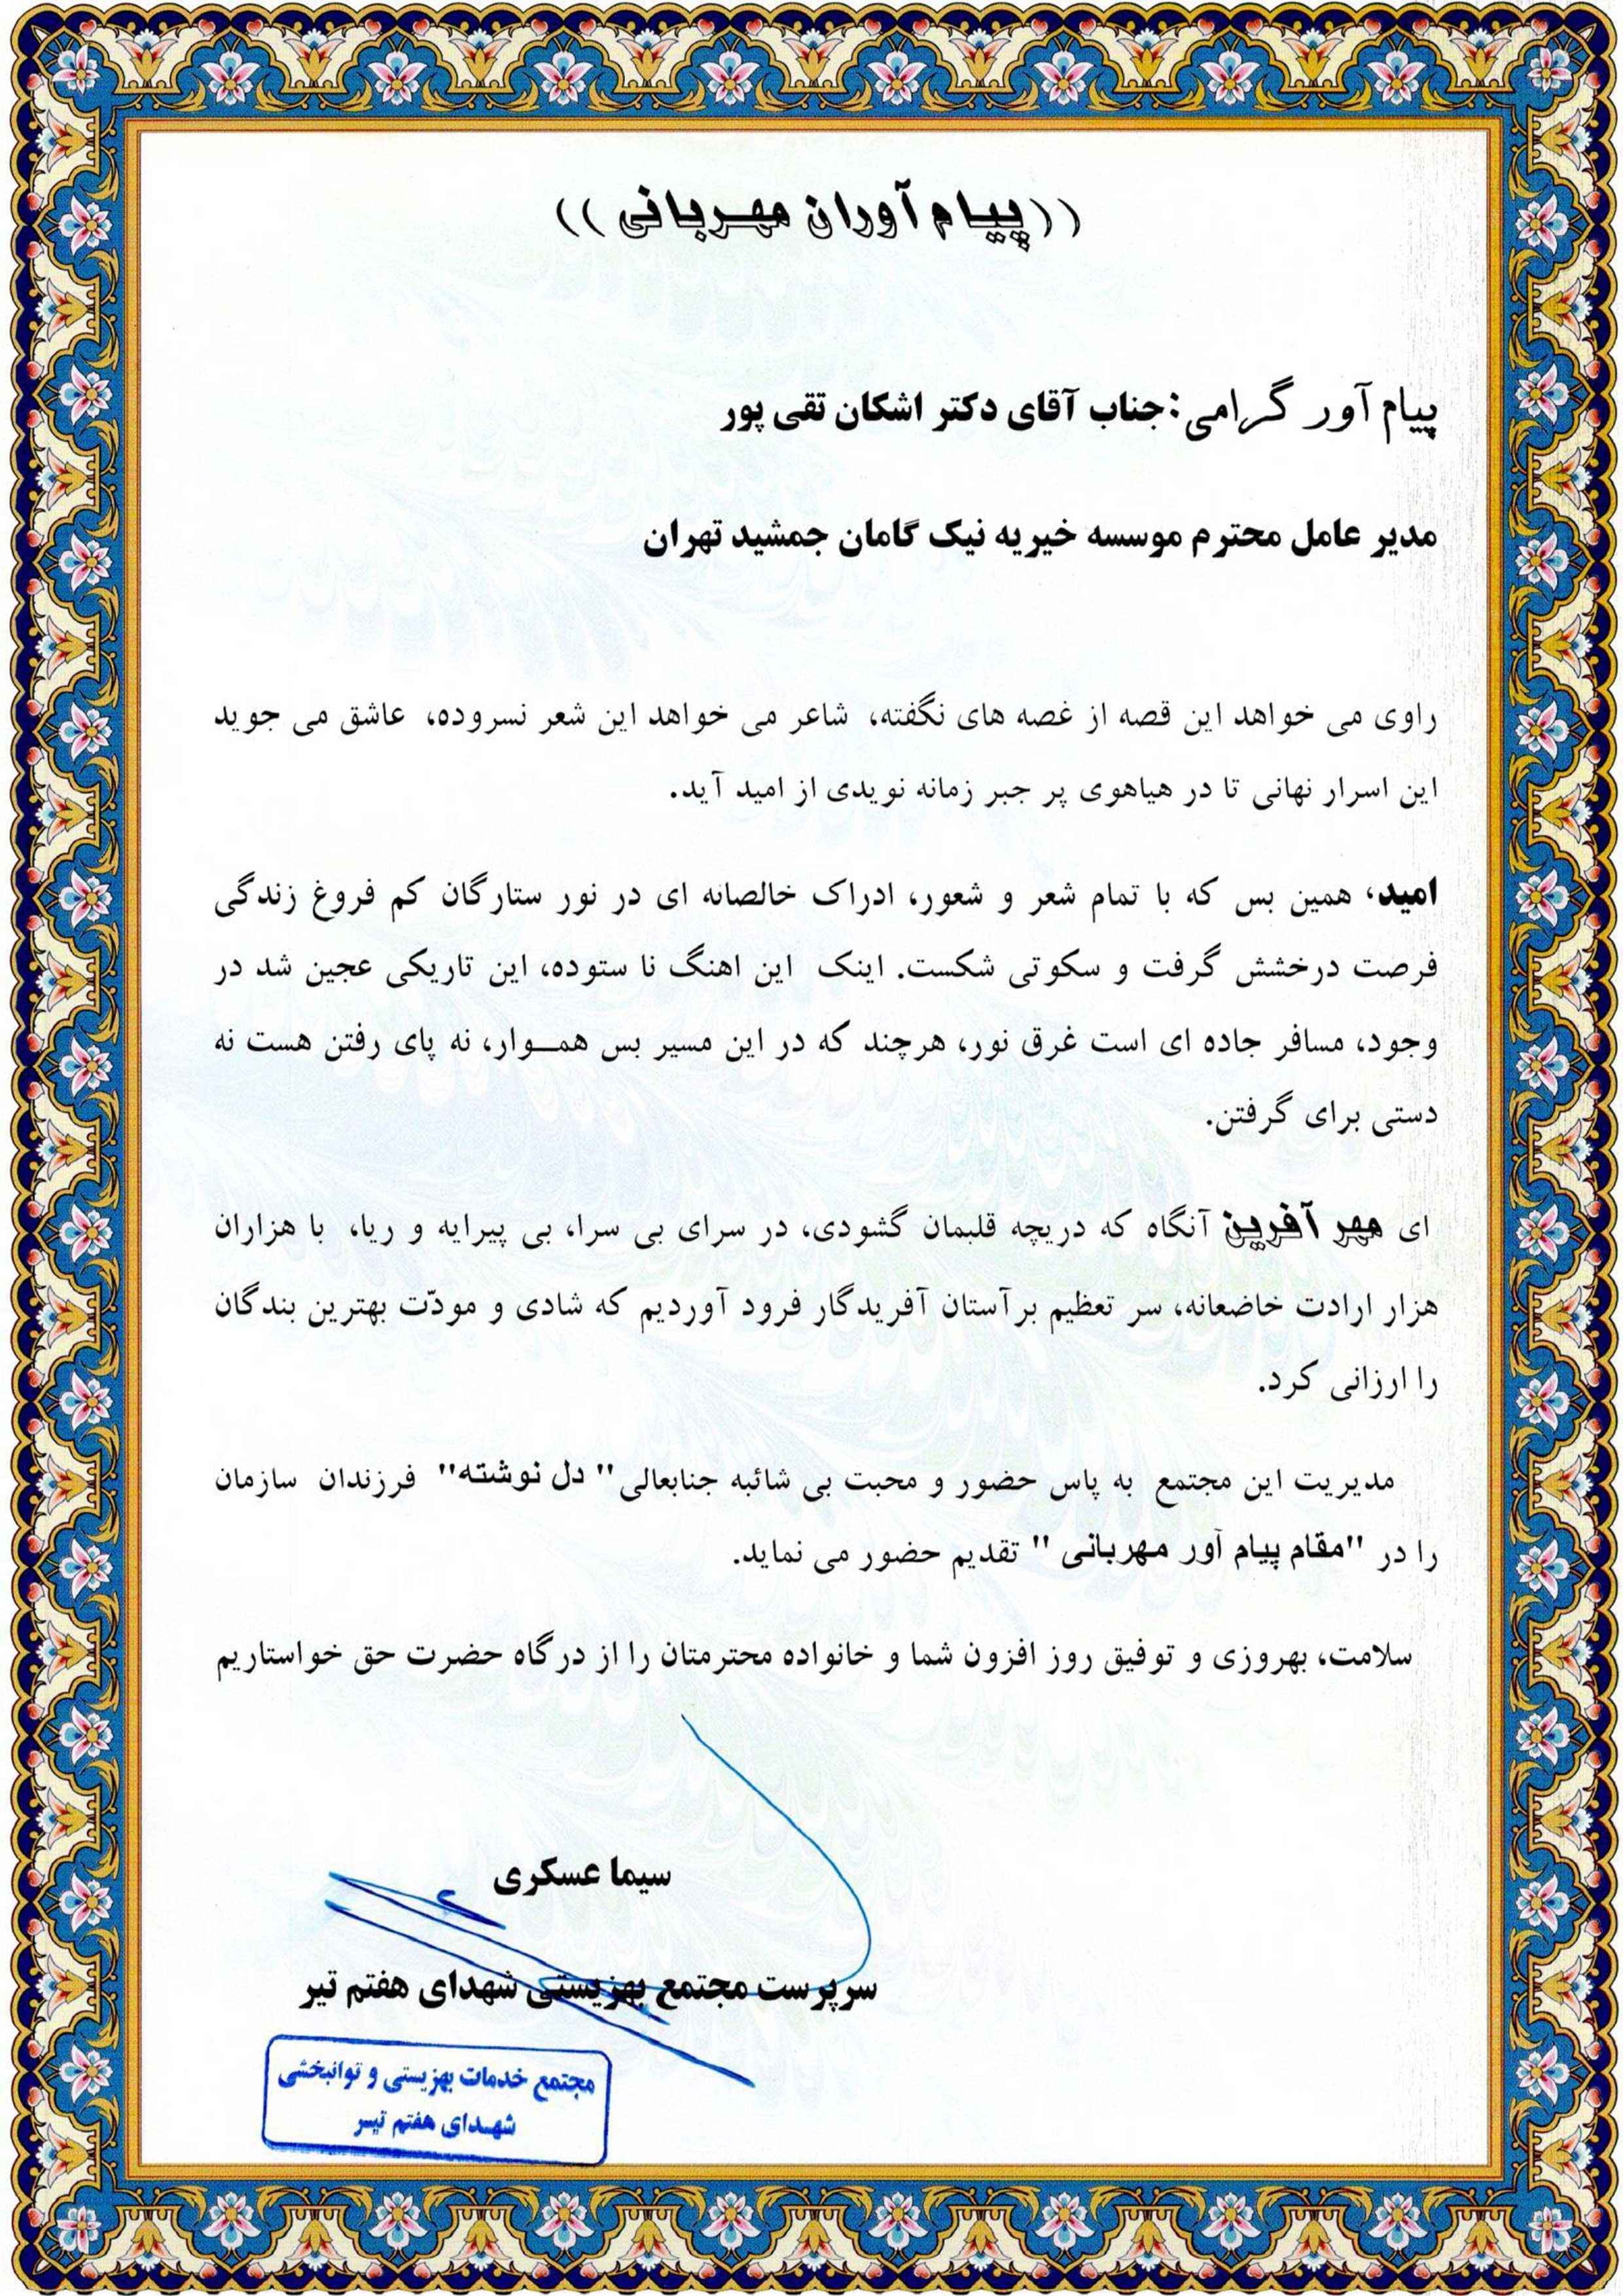 مرکز نگهداری هفت تیر